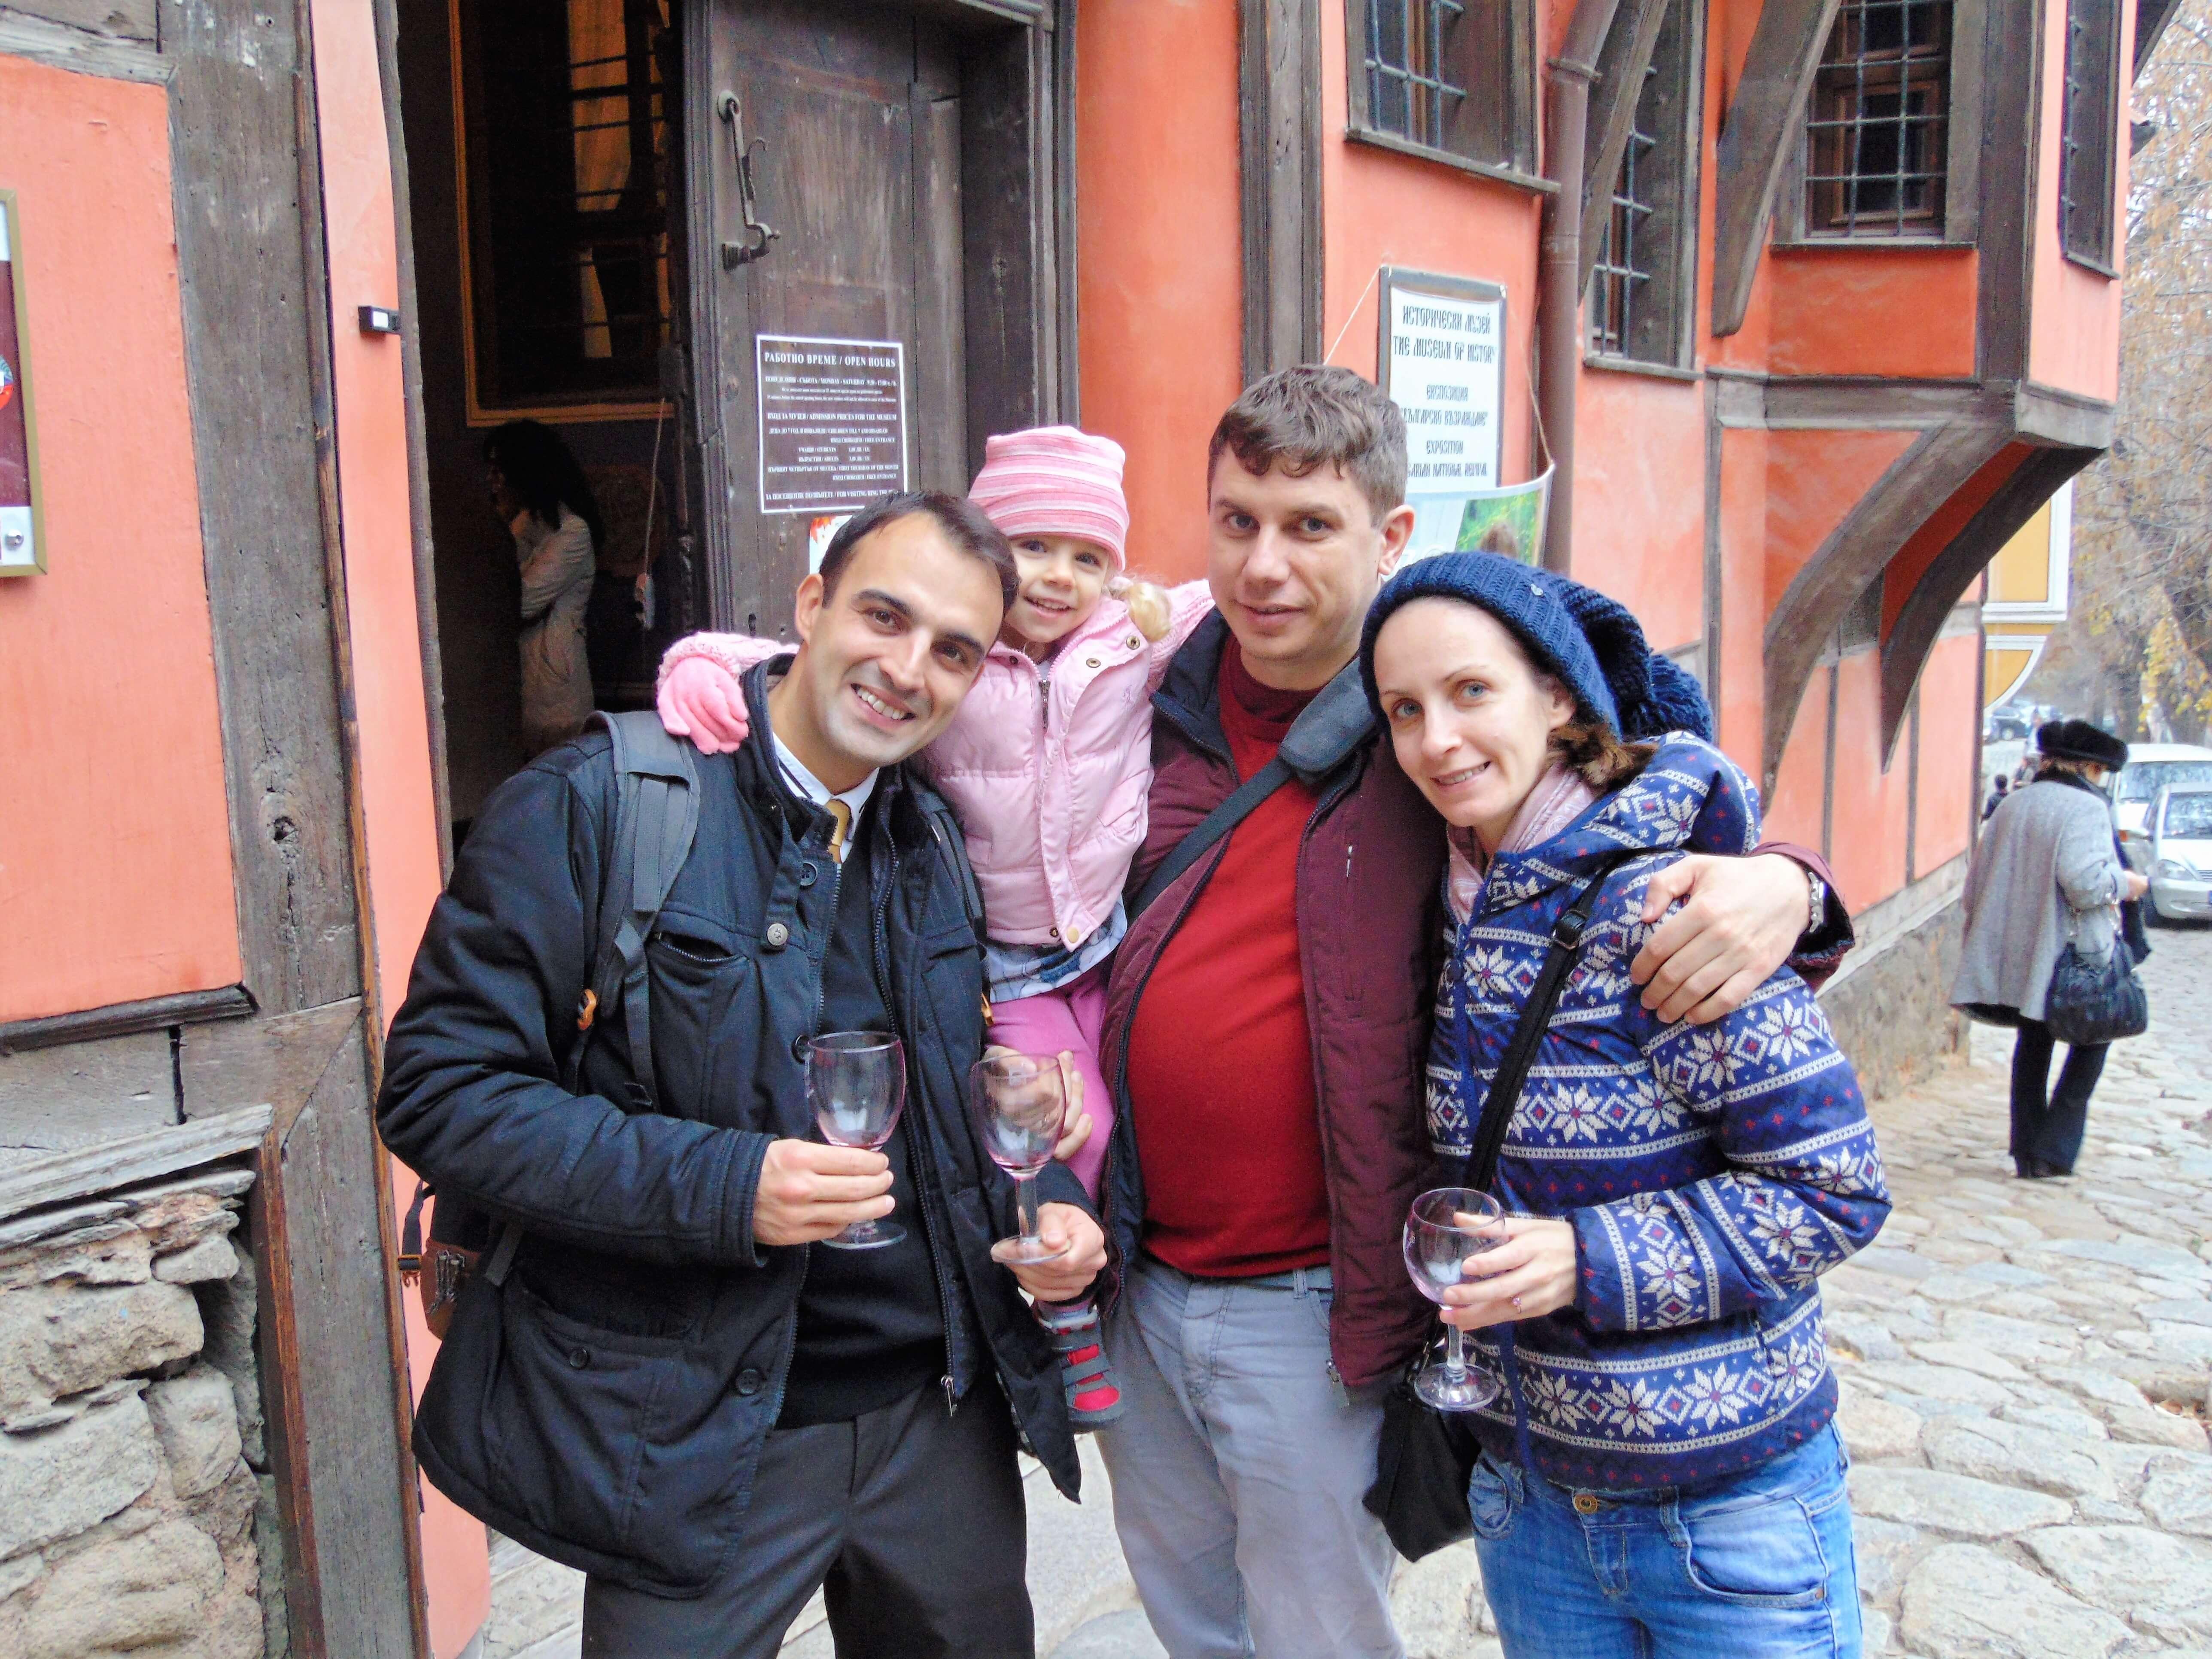 Andrey Andreev, Maria Andreeva, Zina Sorensen and Vasil Zlatev in Plovdiv